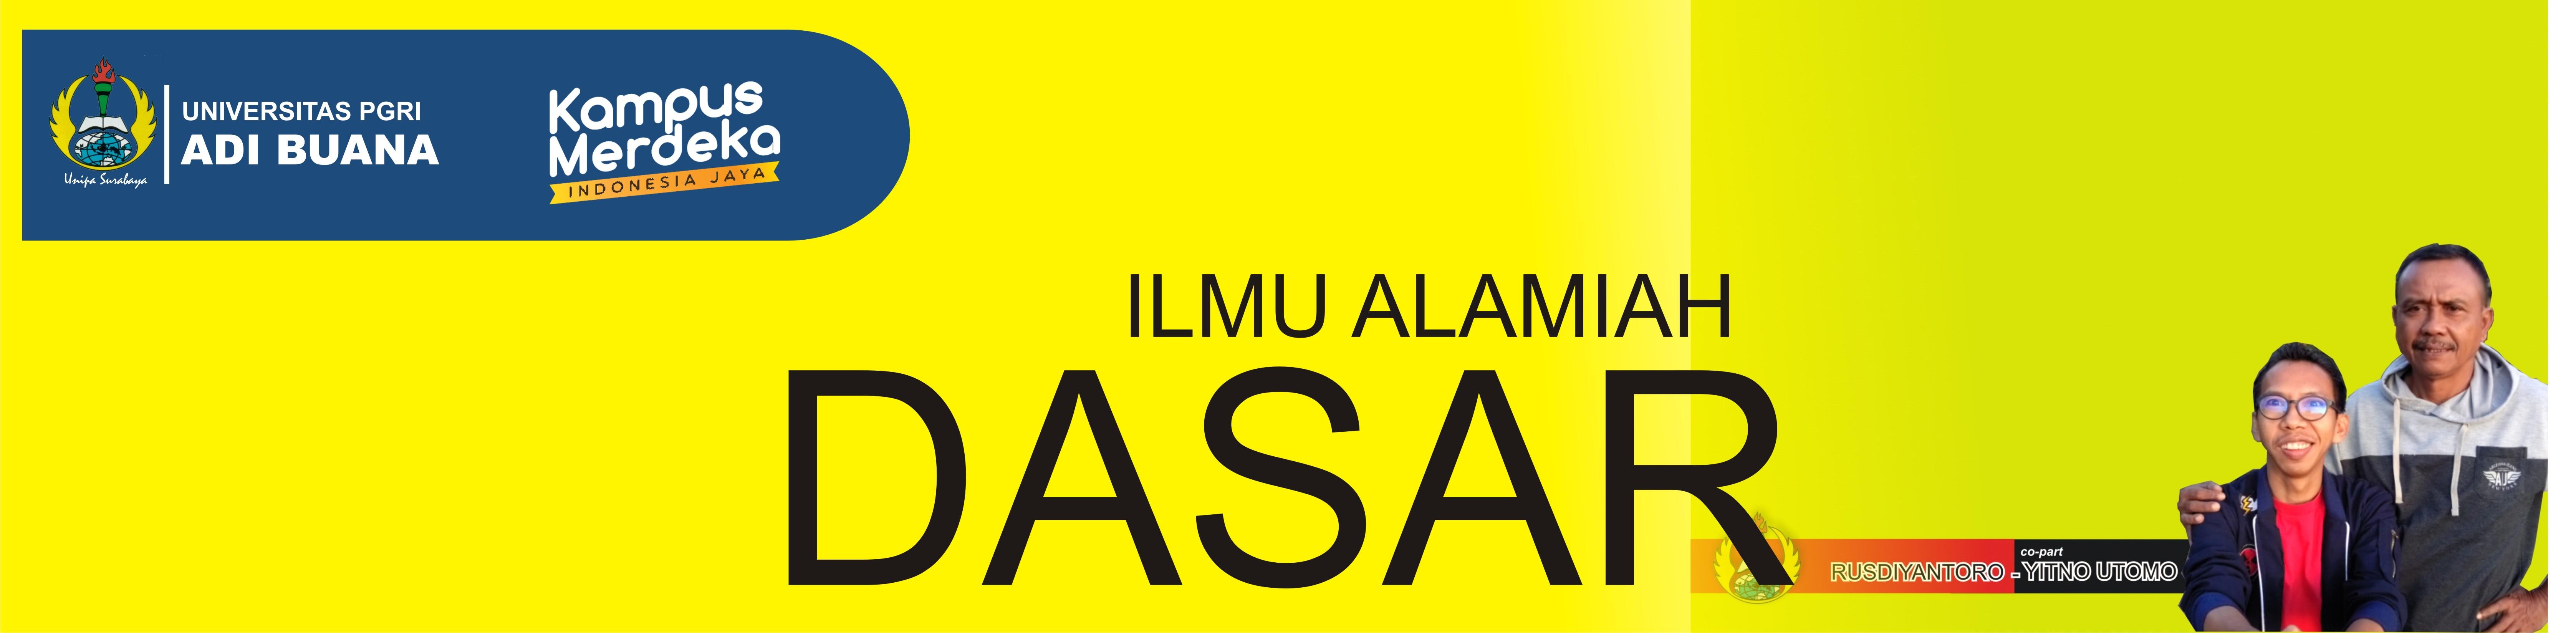 2020 - A2 - ILMU ALAMIAH DASAR